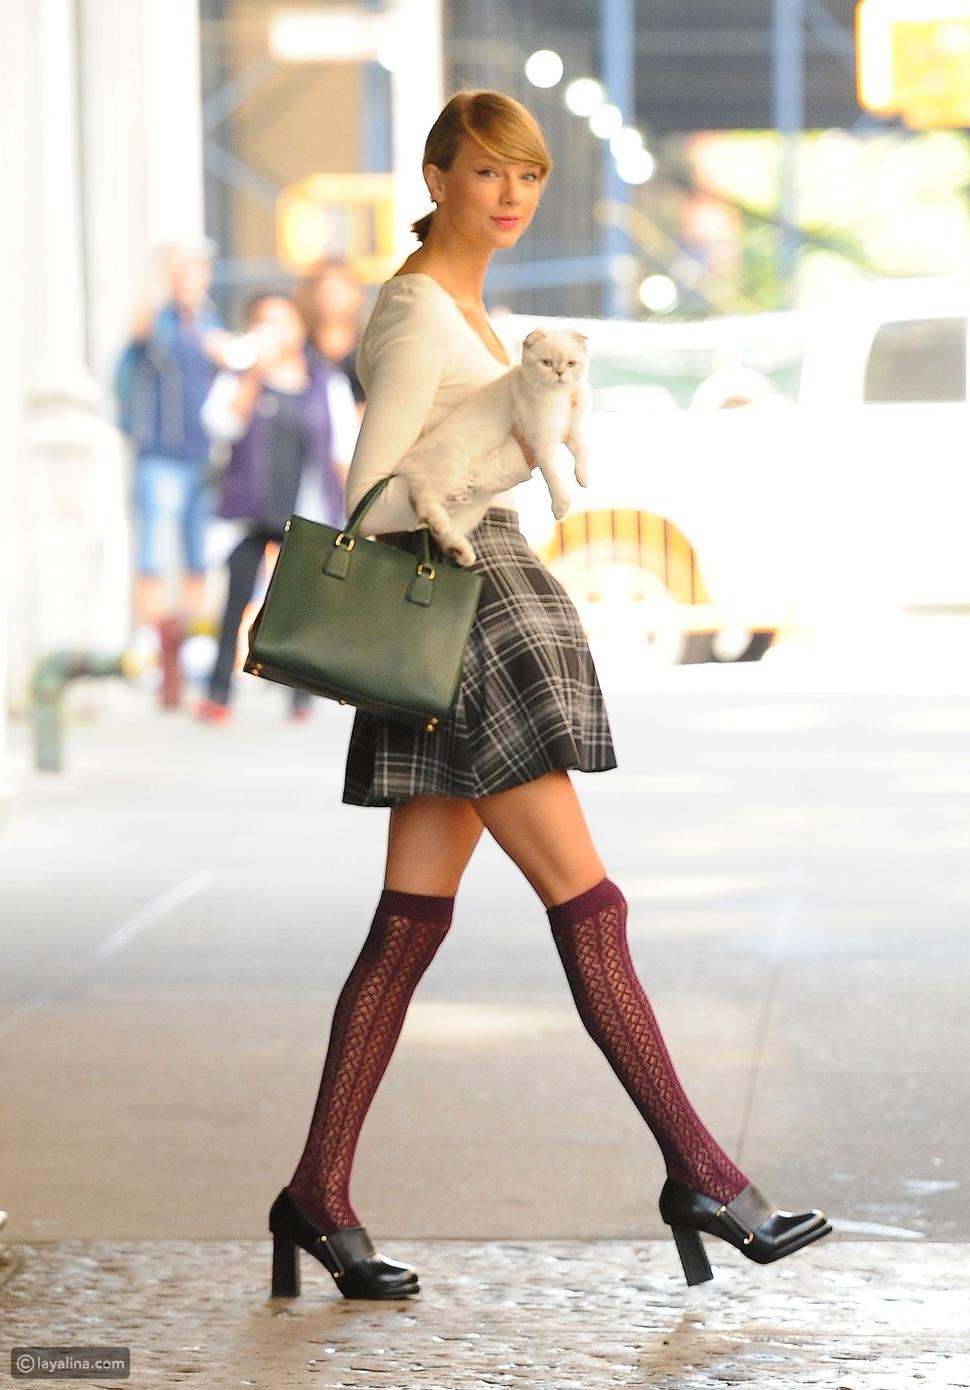 جوارب طويلة Knee Socks